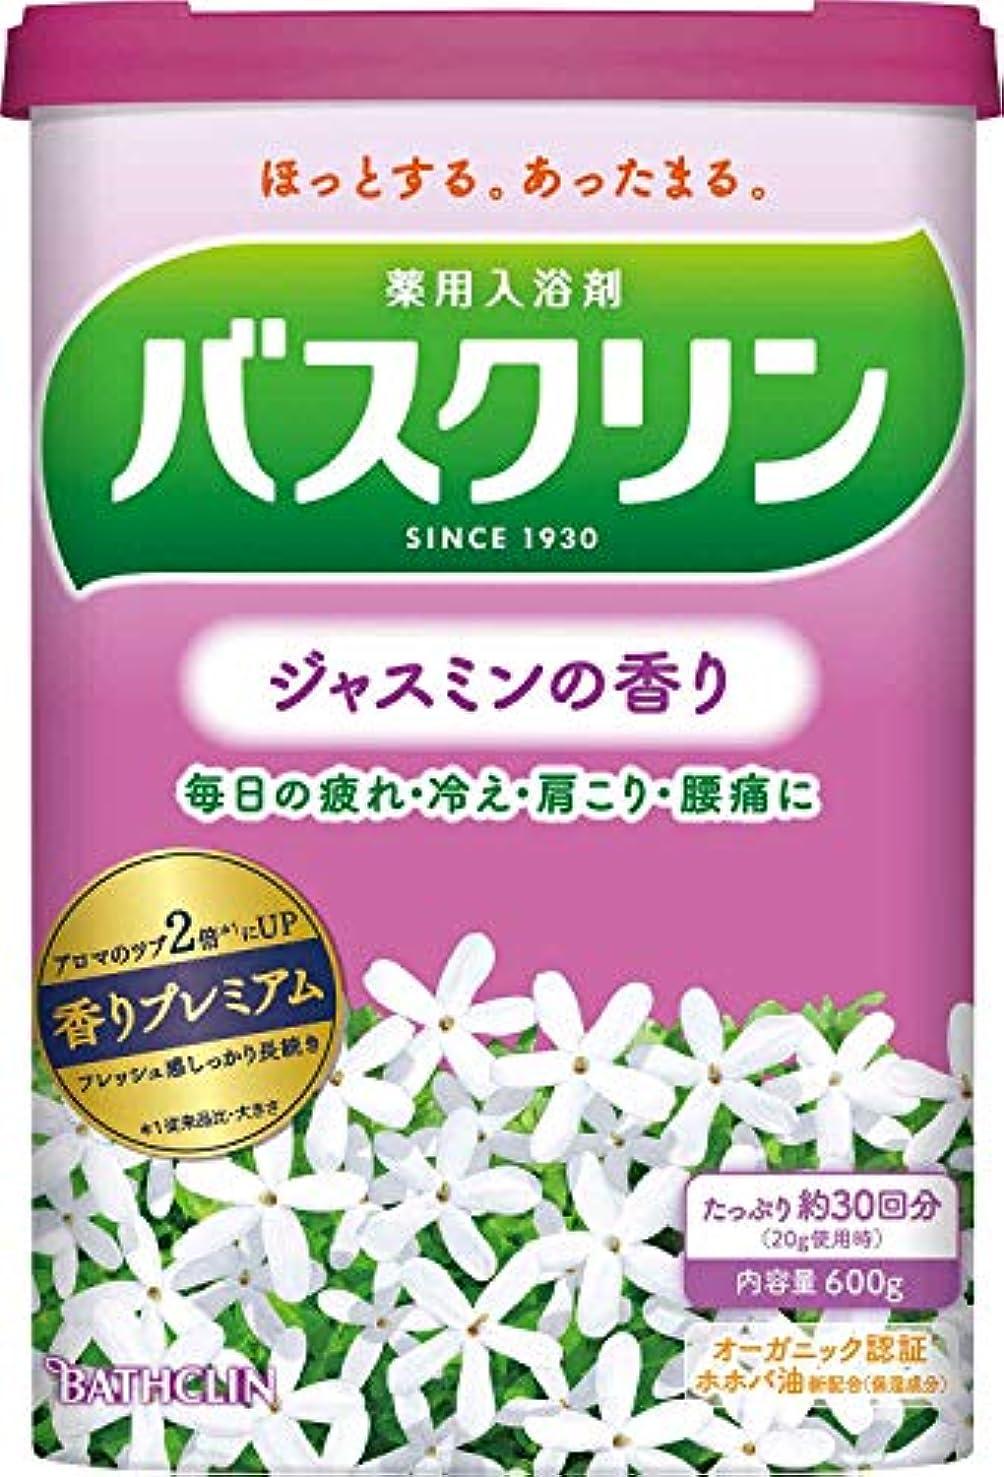 アリーナ参照するまとめる【医薬部外品】バスクリン入浴剤 ジャスミンの香り600g(約30回分) 疲労回復